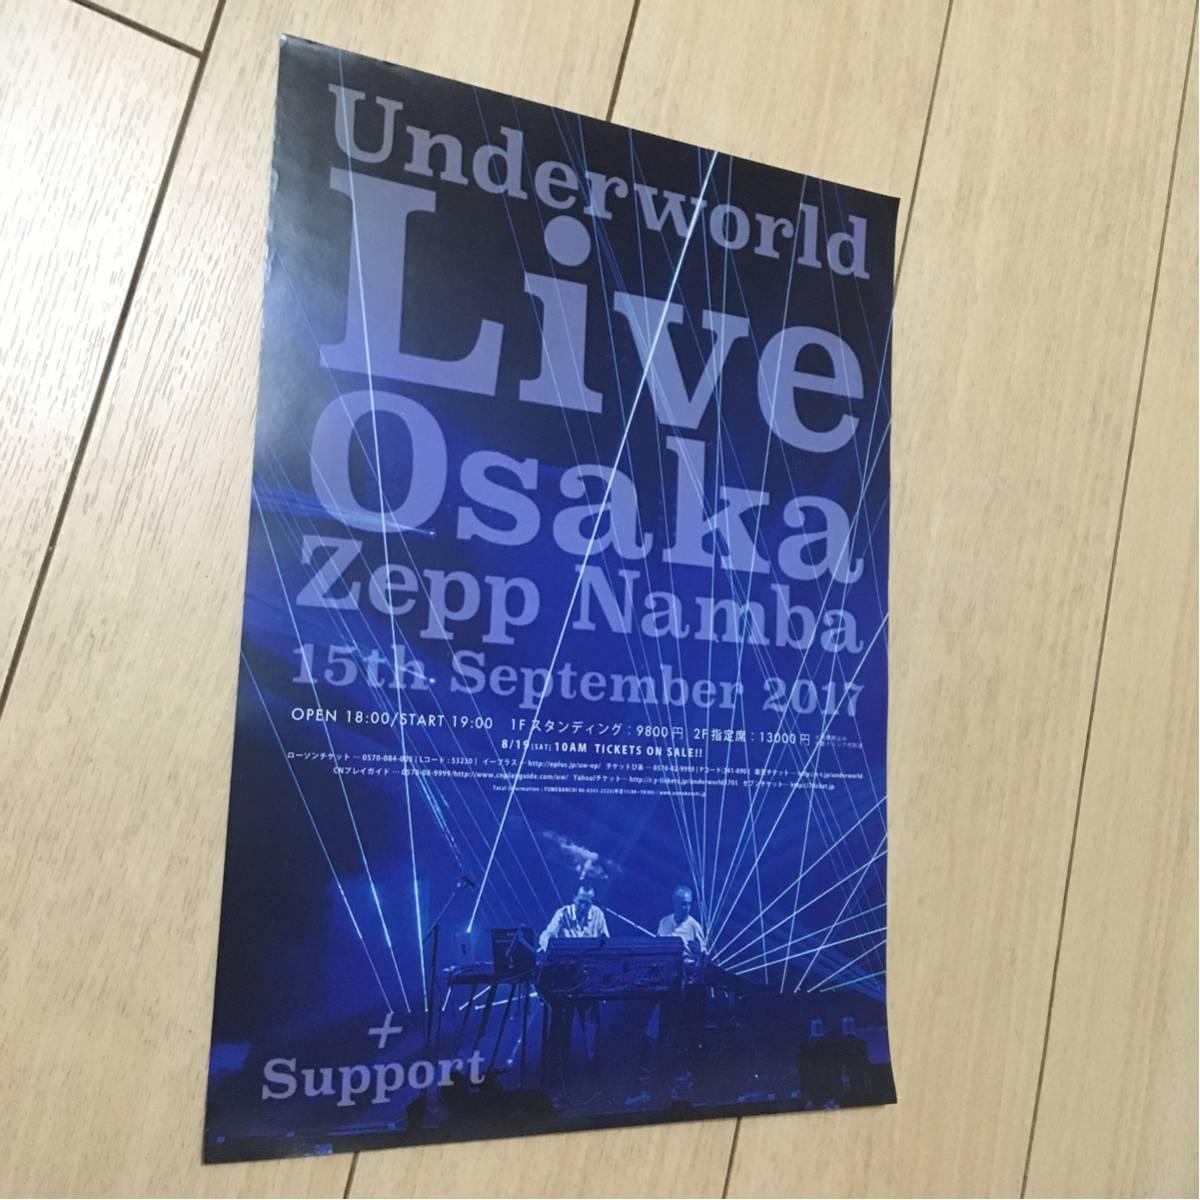 アンダーワールド under world ライブ 告知 チラシ コンサート 2017 osaka live zepp namba 大阪 ゼップ